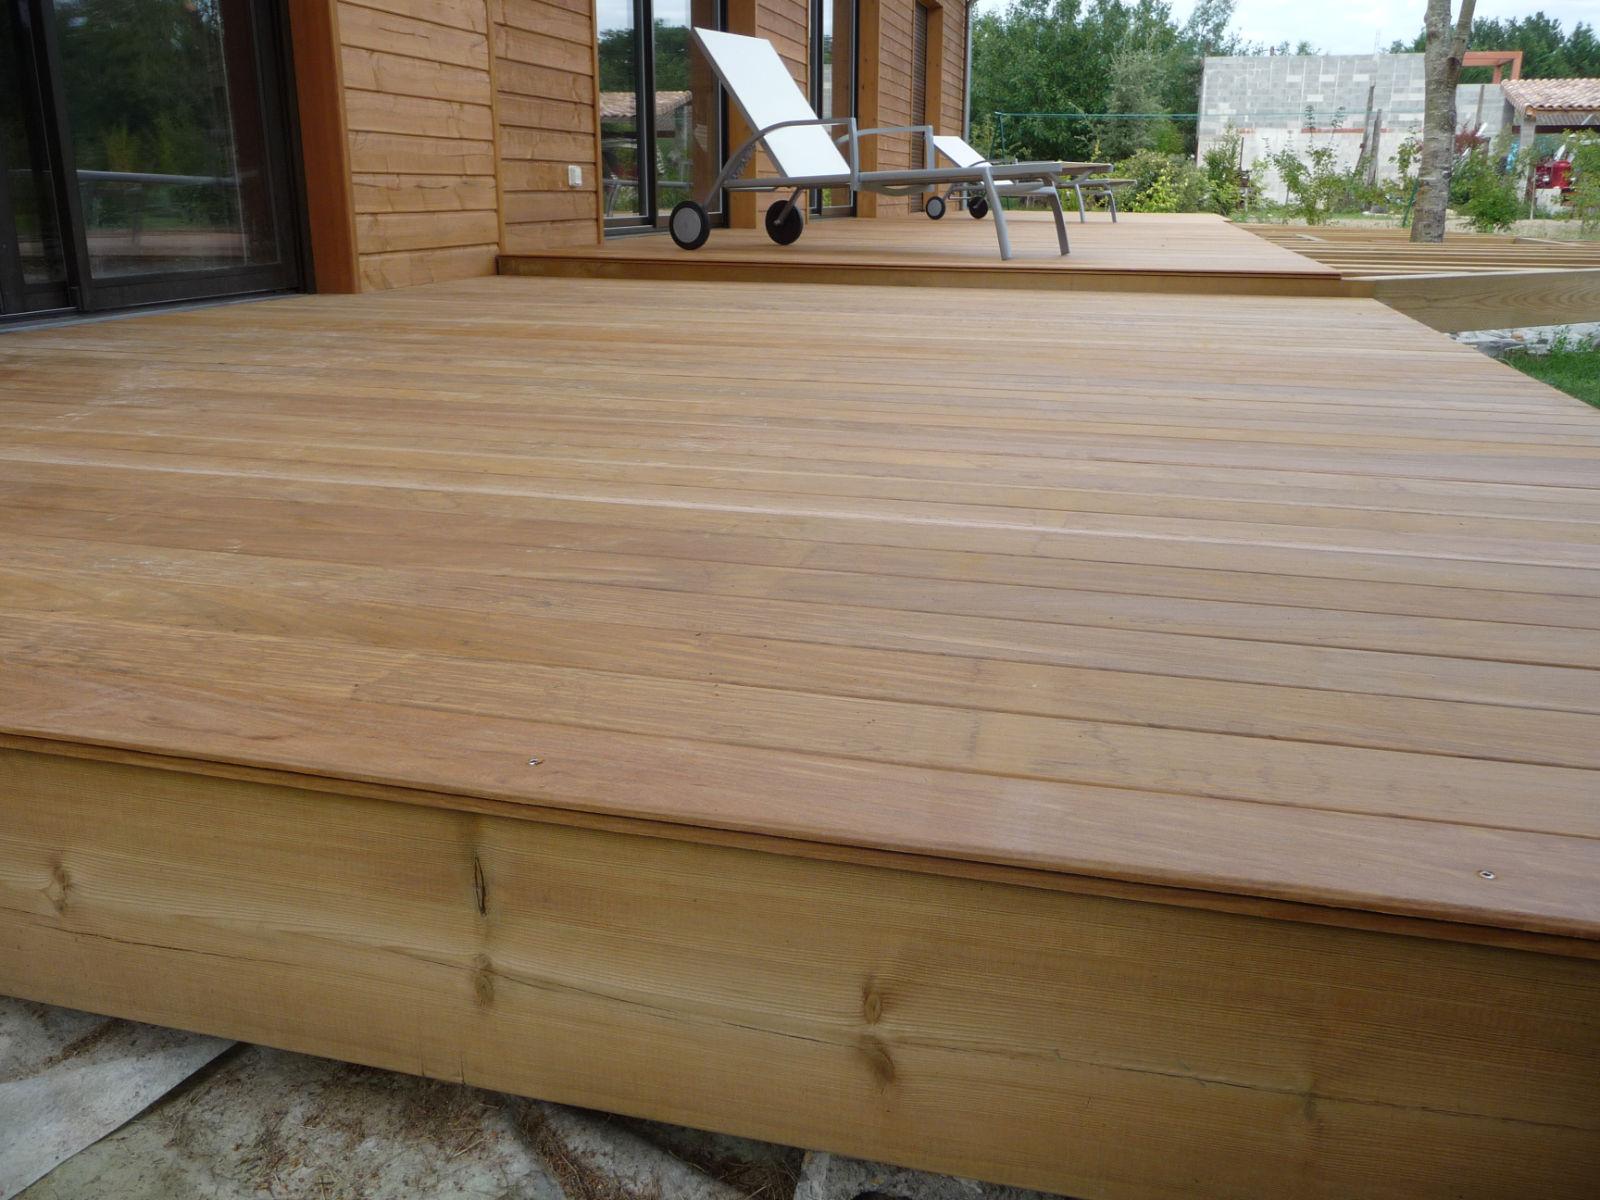 des lames de bois  Construire sa terrasse en bois sur plots en béton